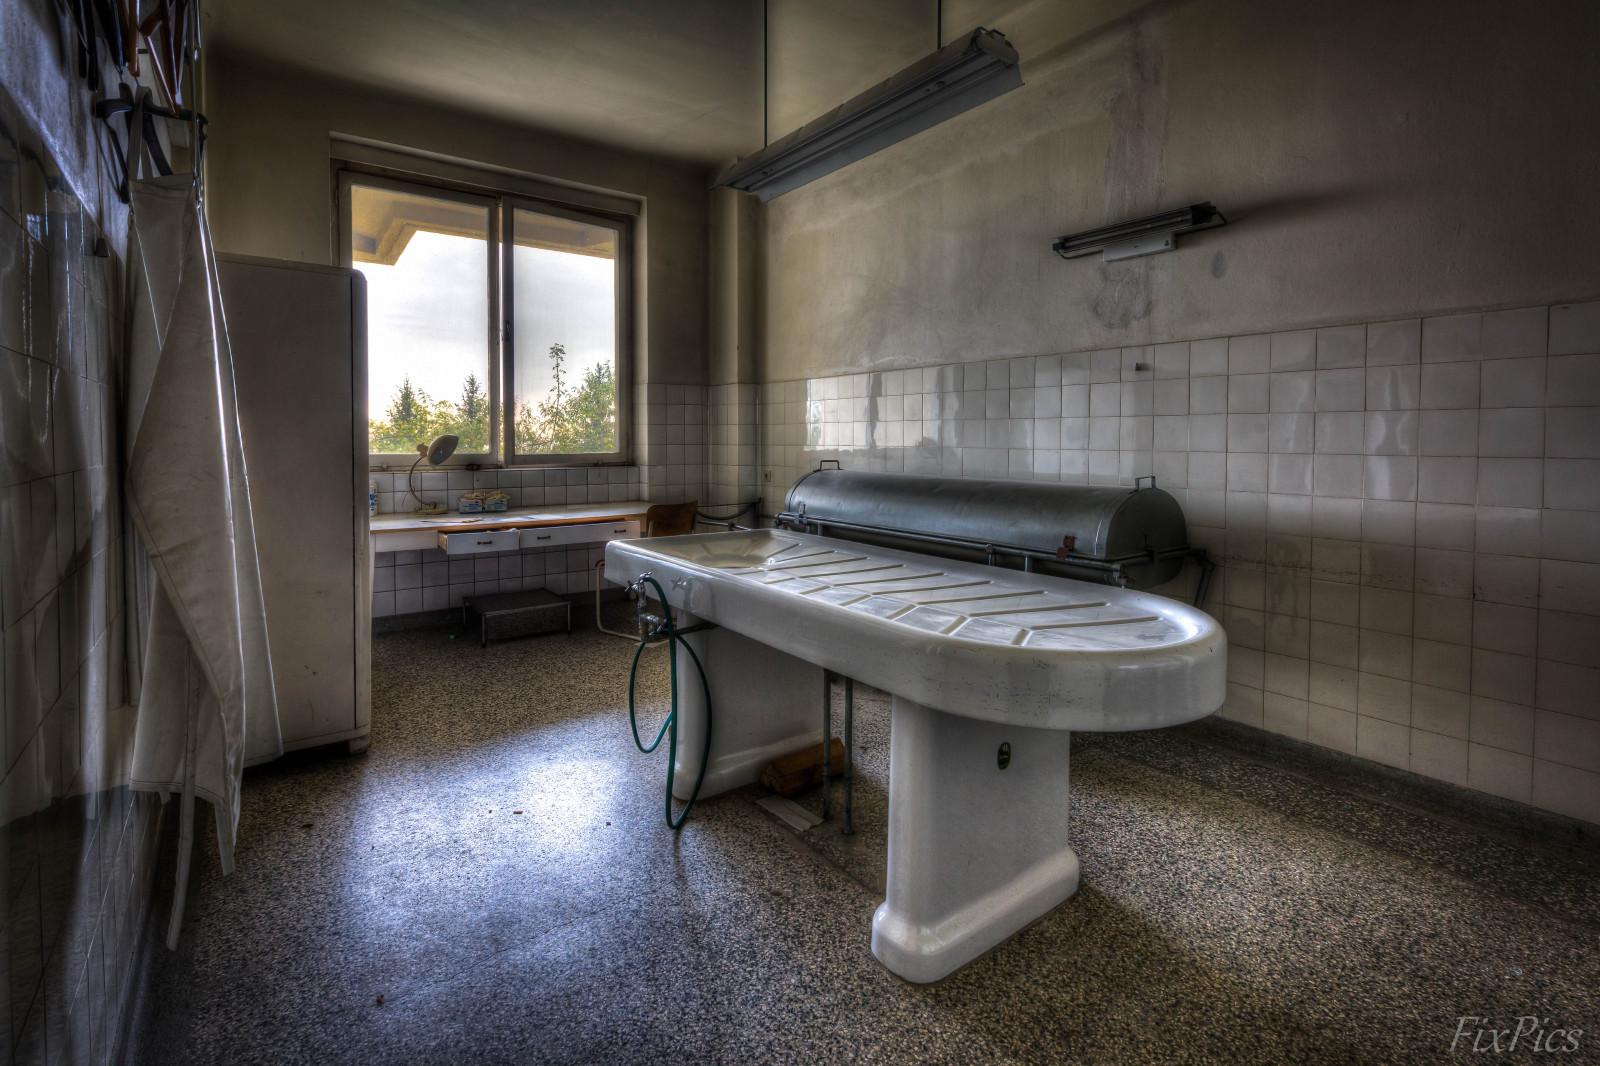 Hintergrundbilder : Fenster, die Architektur, Zimmer, Tabelle, Haus ...